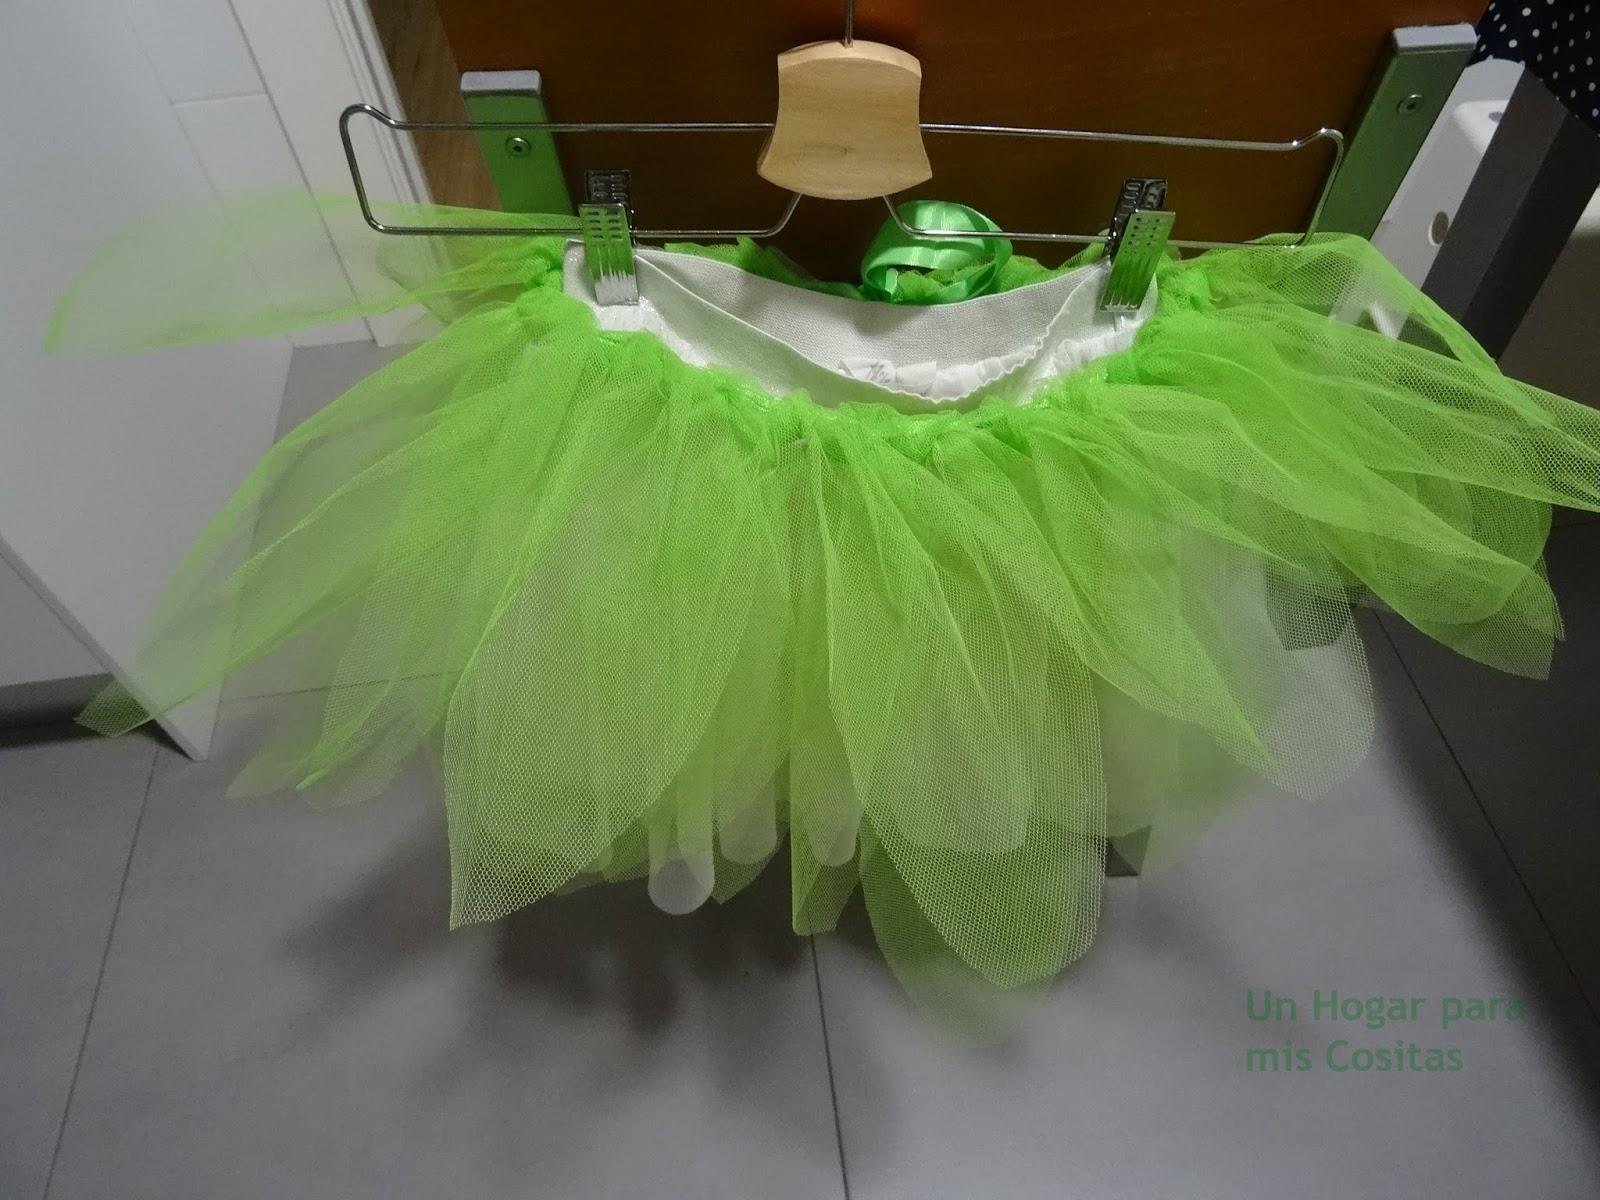 5f25fae20 Un Hogar para mis Cositas: Falda de tul para disfraz-Disfraz de ...